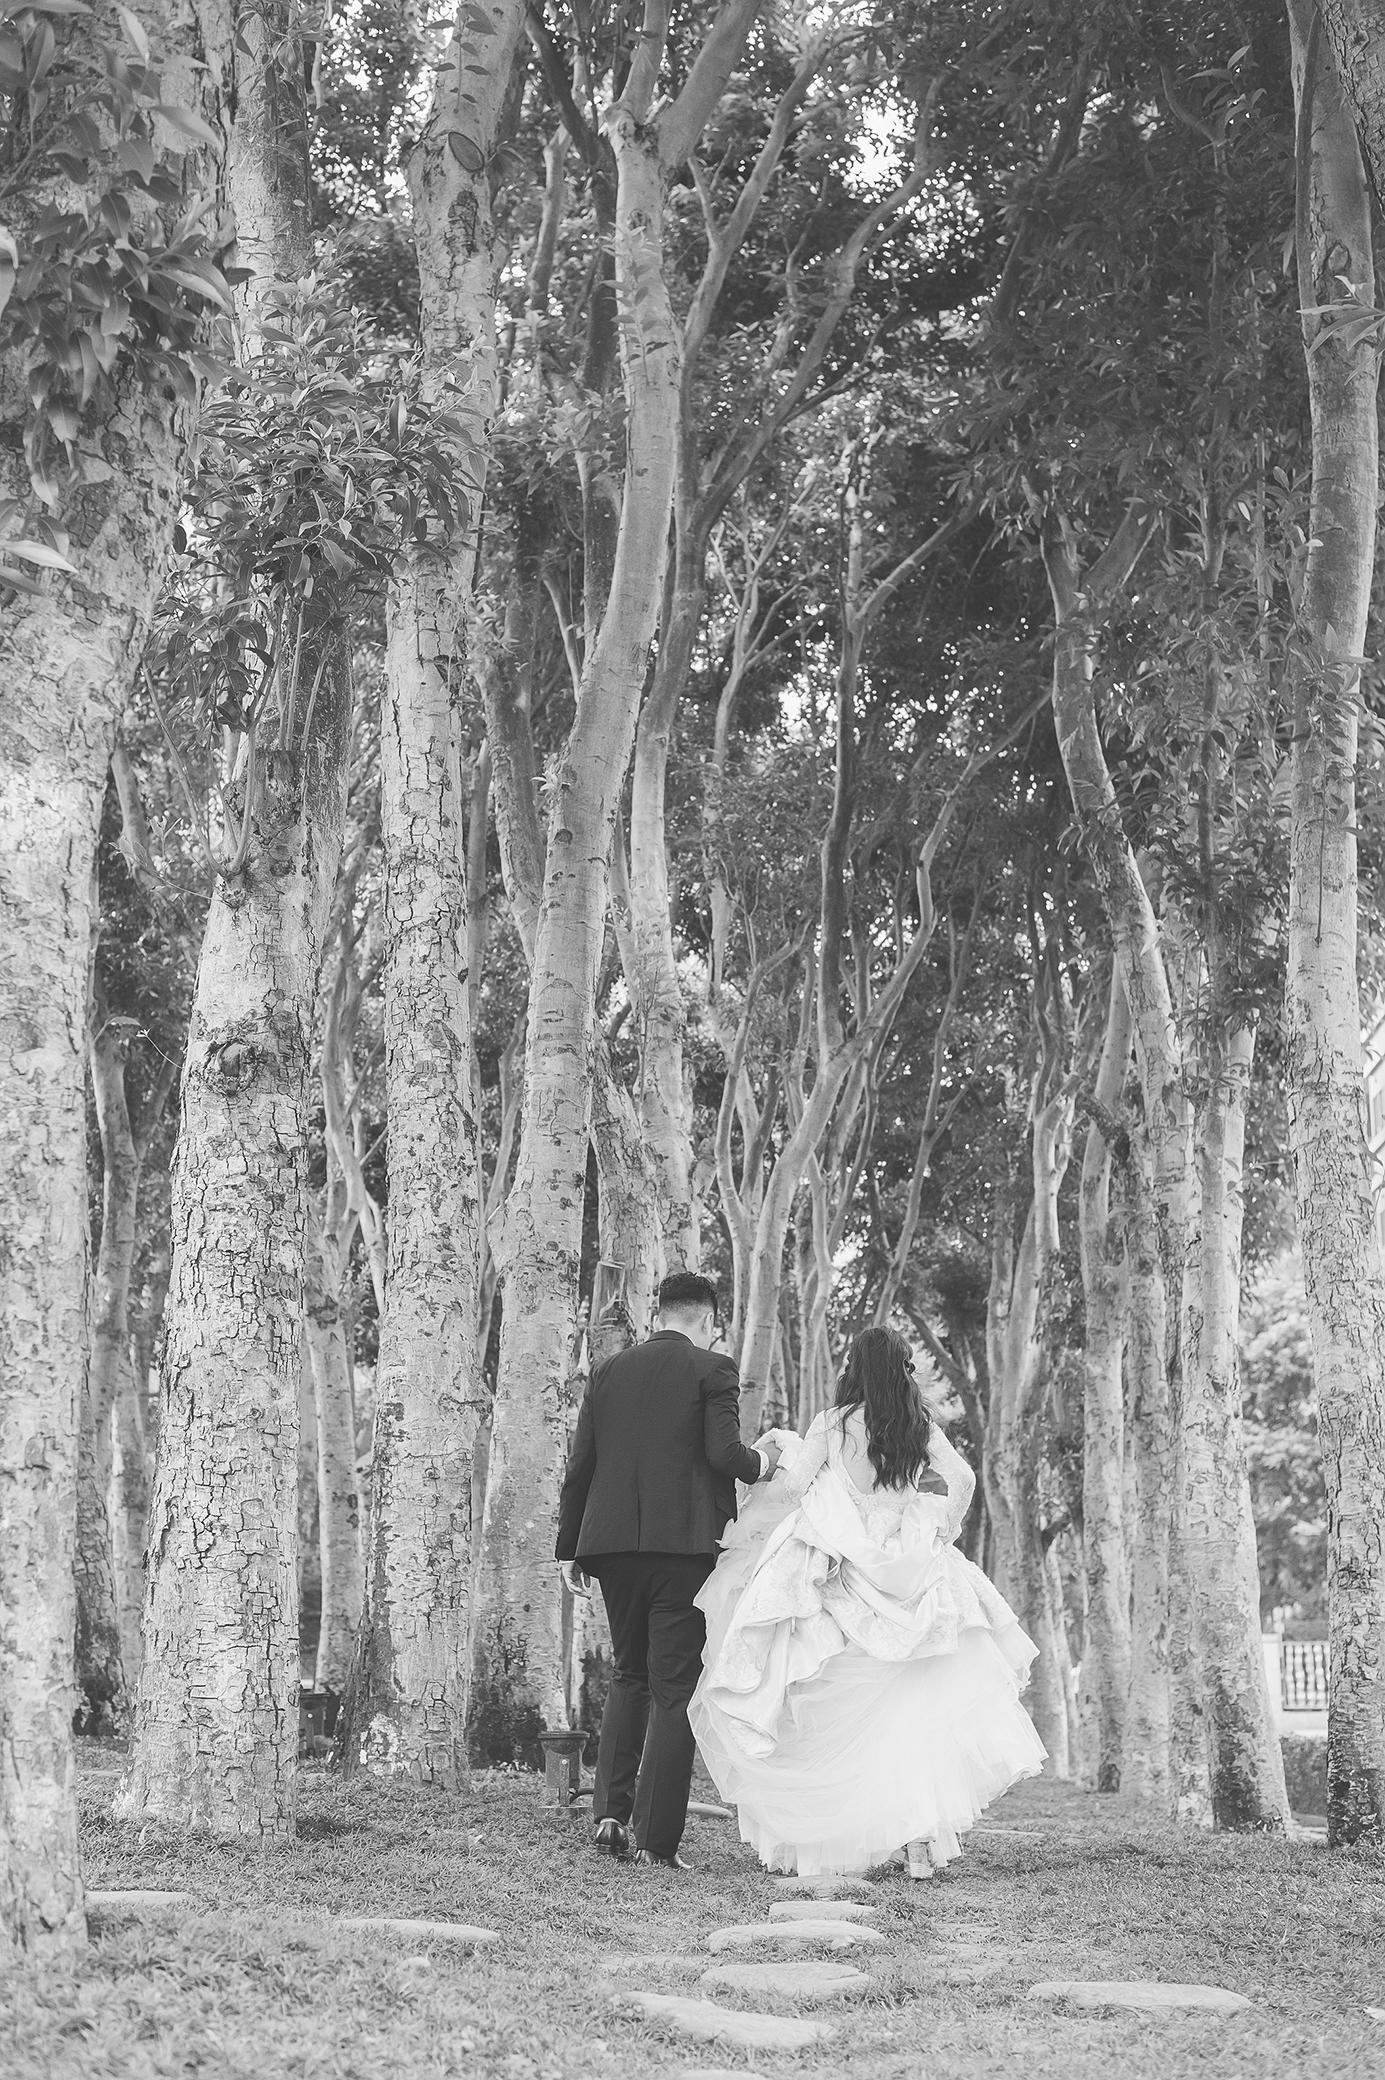 nickchang-wedding-%e5%af%92%e8%88%8d%e8%89%be%e9%ba%97-fineart-34